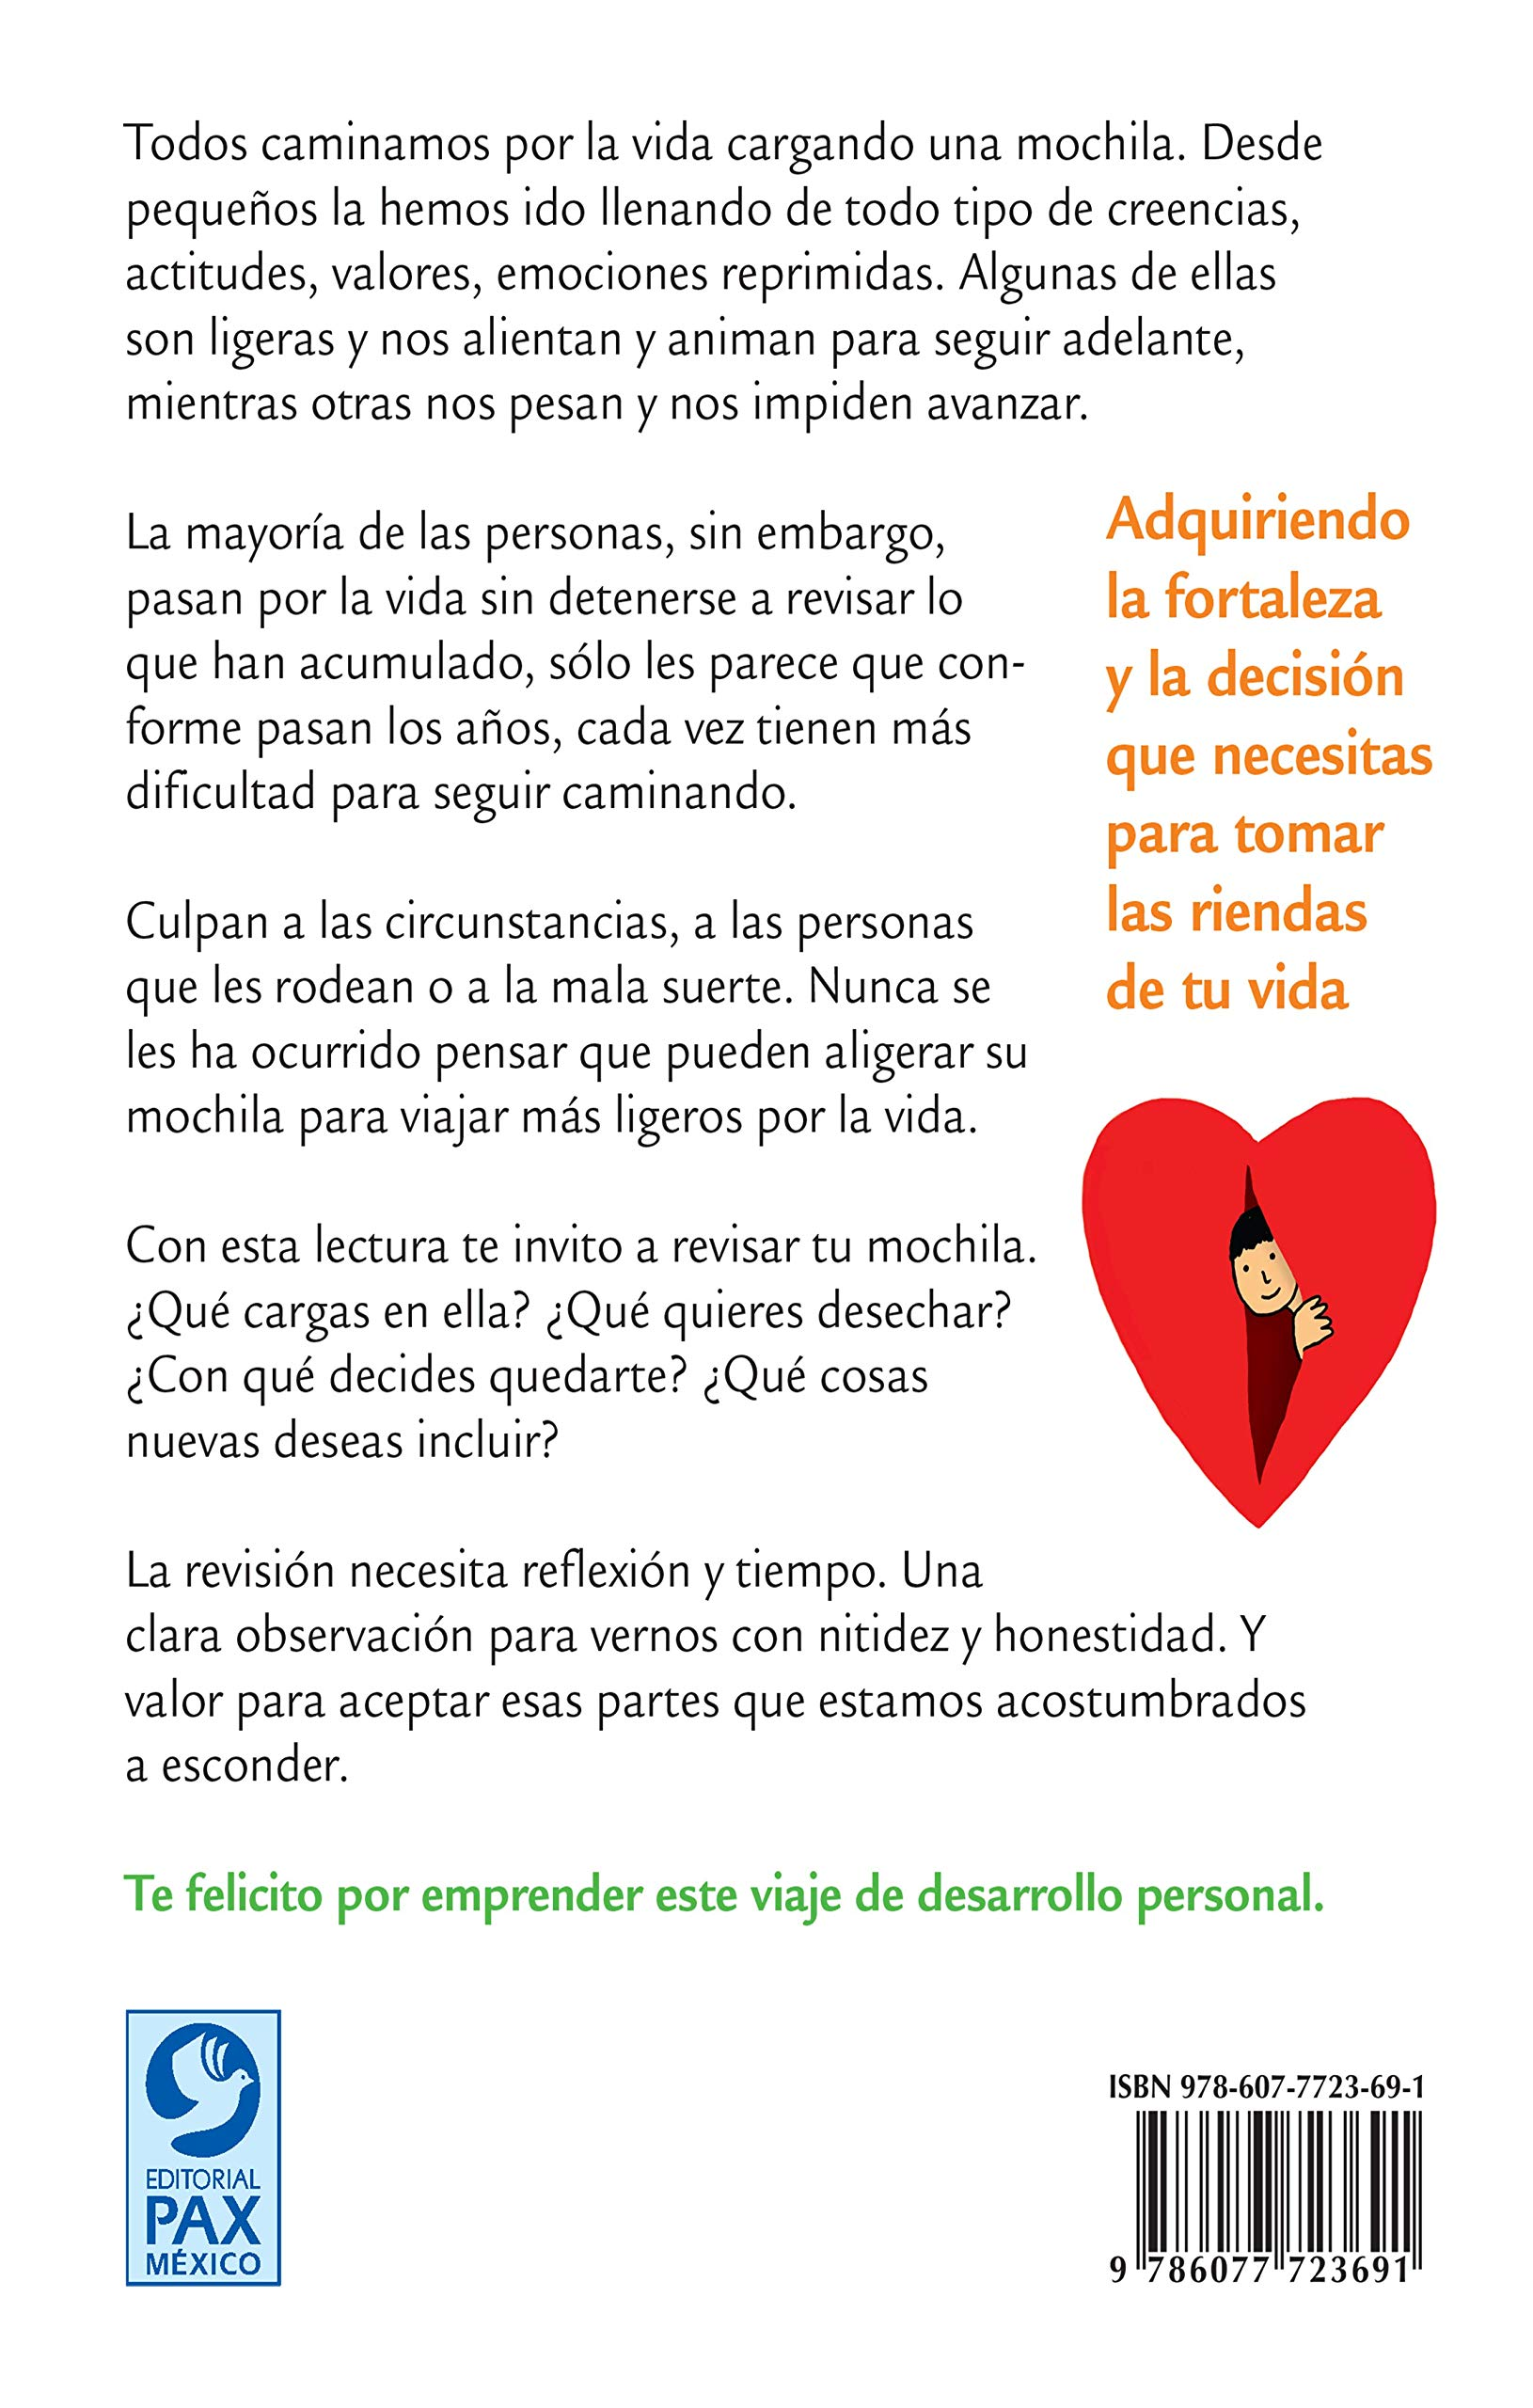 Explora tus emociones para avanzar en la vida: Soltando lo que te estorba (Spanish Edition): Rosa Barocio: 9786077723691: Amazon.com: Books